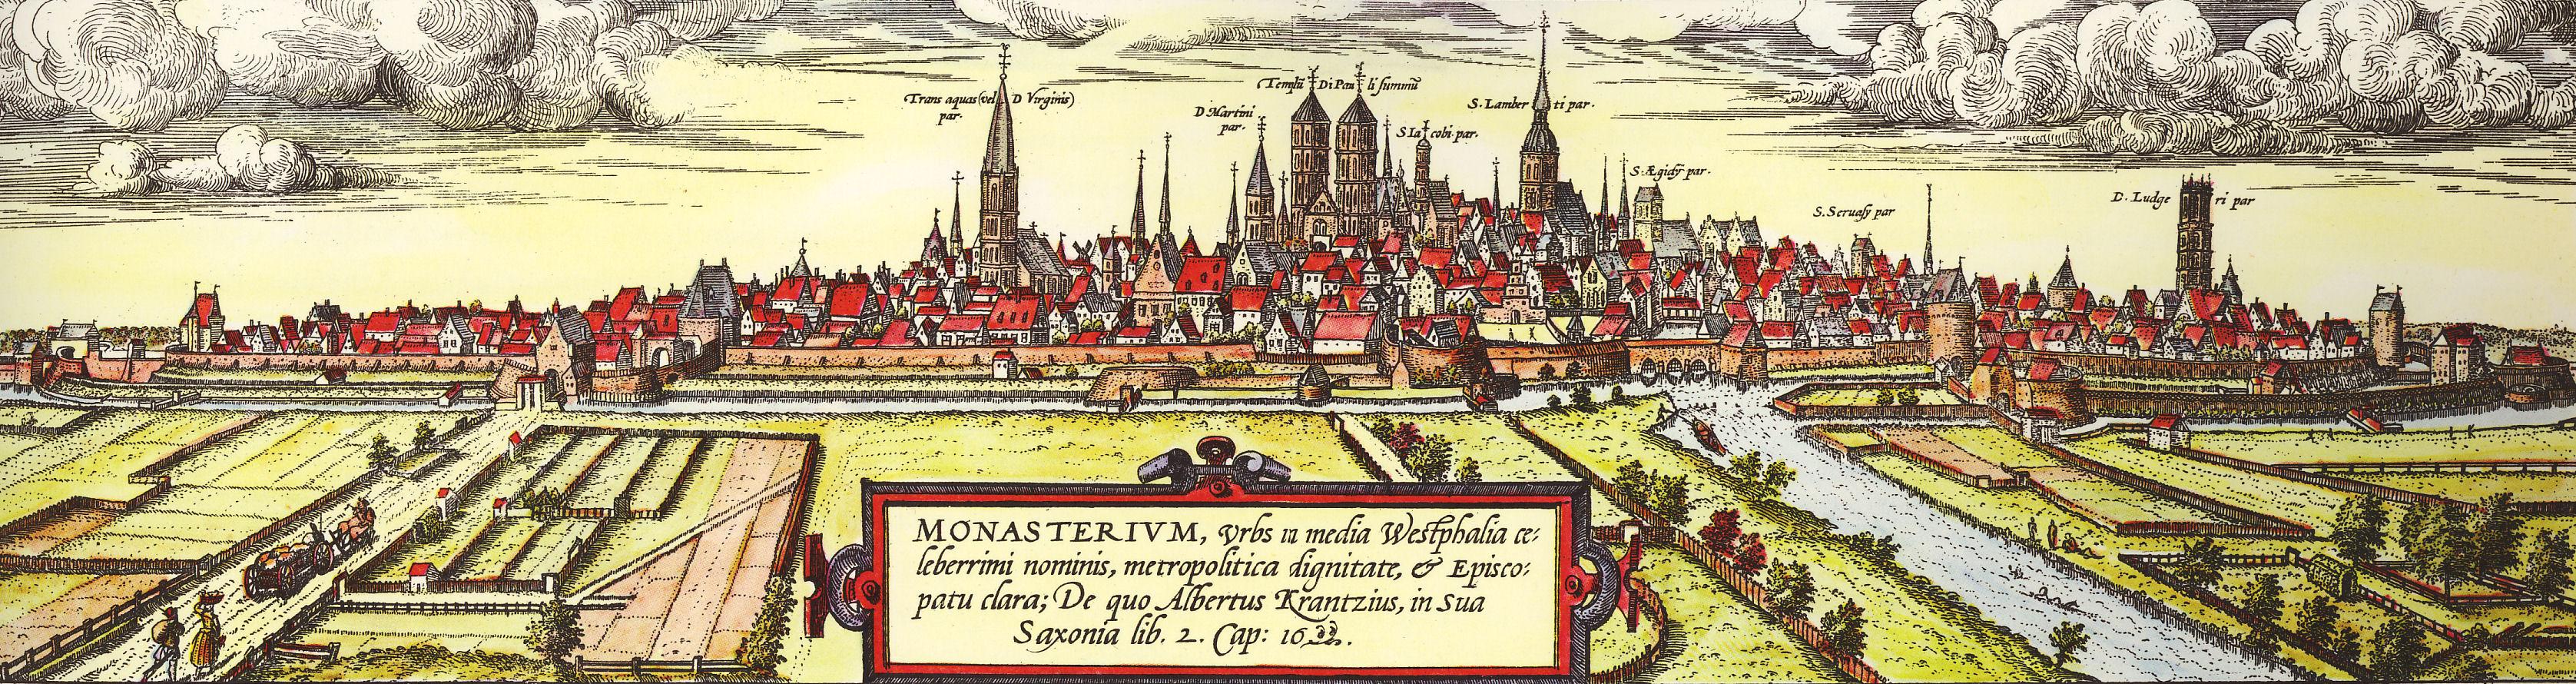 Blick von Süd Westen auf Münster eine Arbeit von Remigius Hogenberg aus dem Jahr 1570 basierend auf einer älteren Zeichnung von Hermann tom Ring